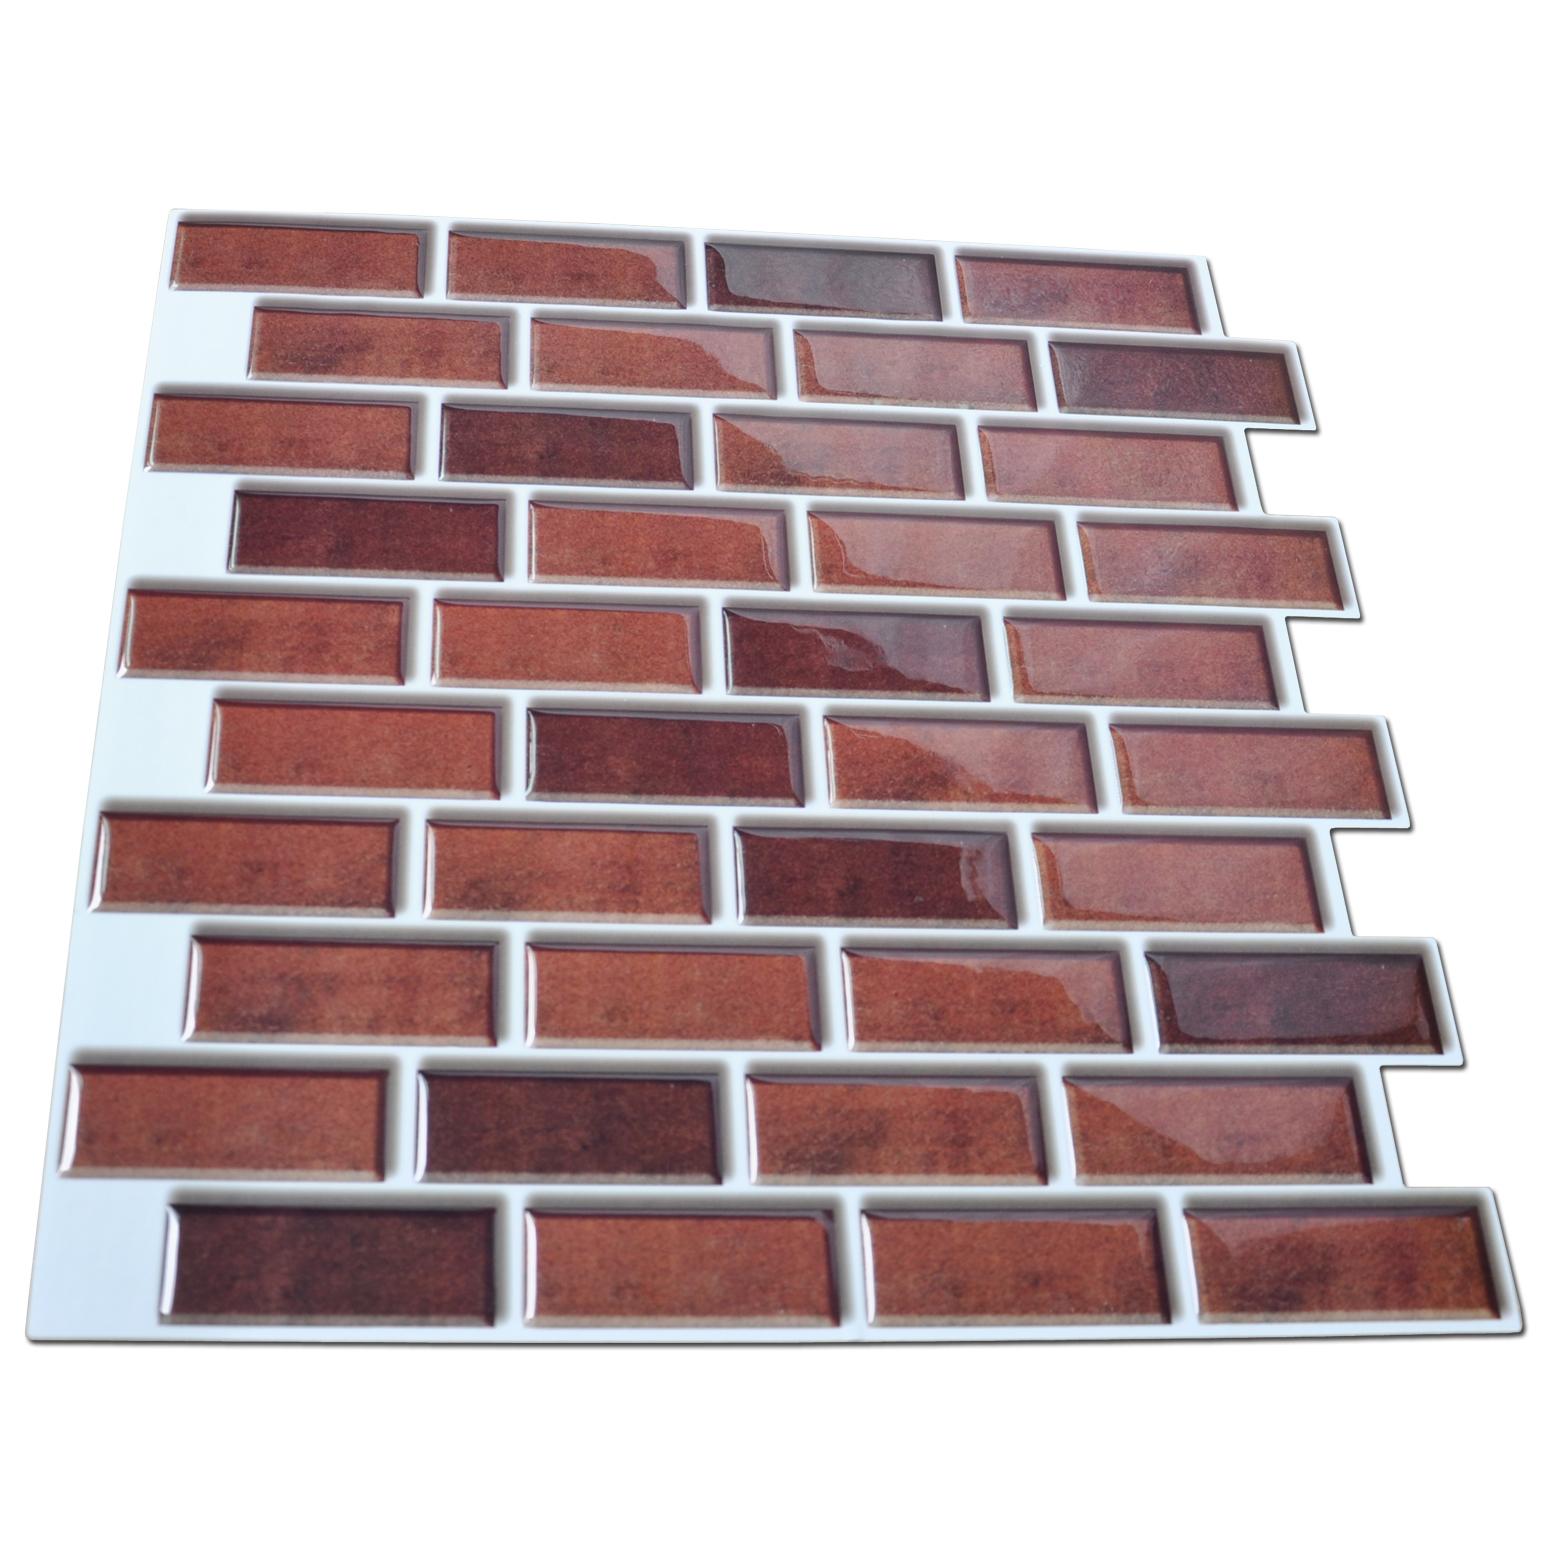 Peel And Stick Brick Backsplash Tile For Kitchen 12x12 Set Of 6